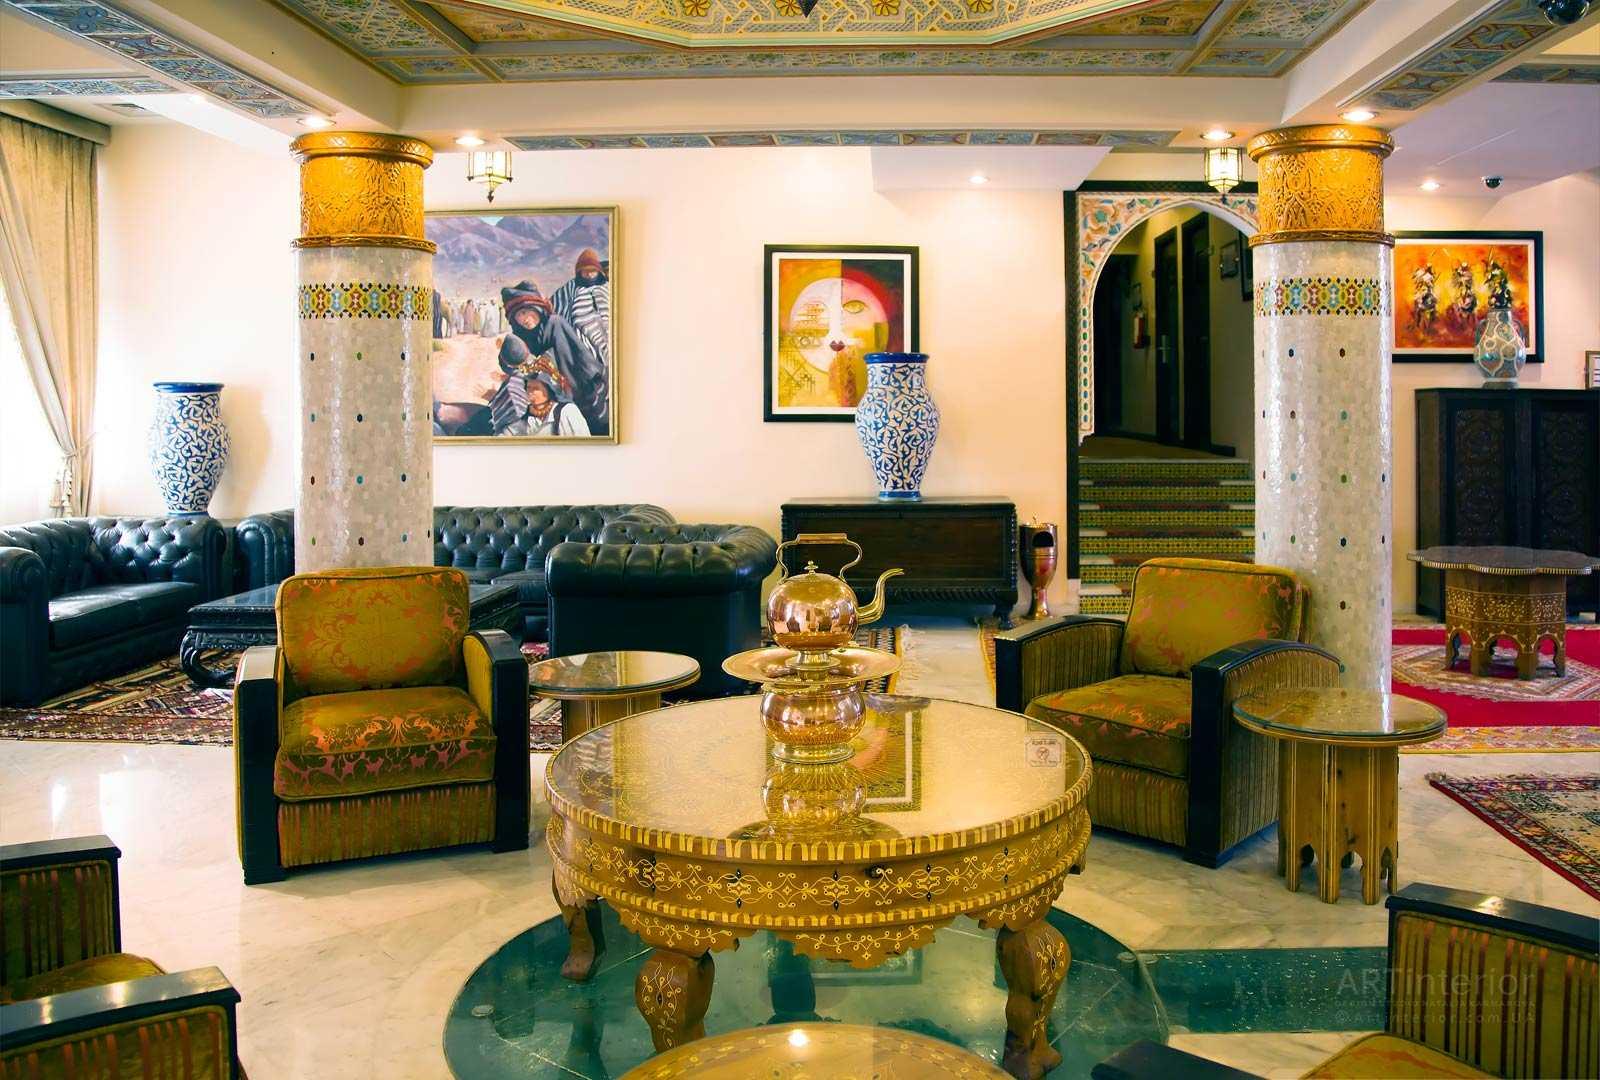 дизайн интерьера зала в восточном стиле